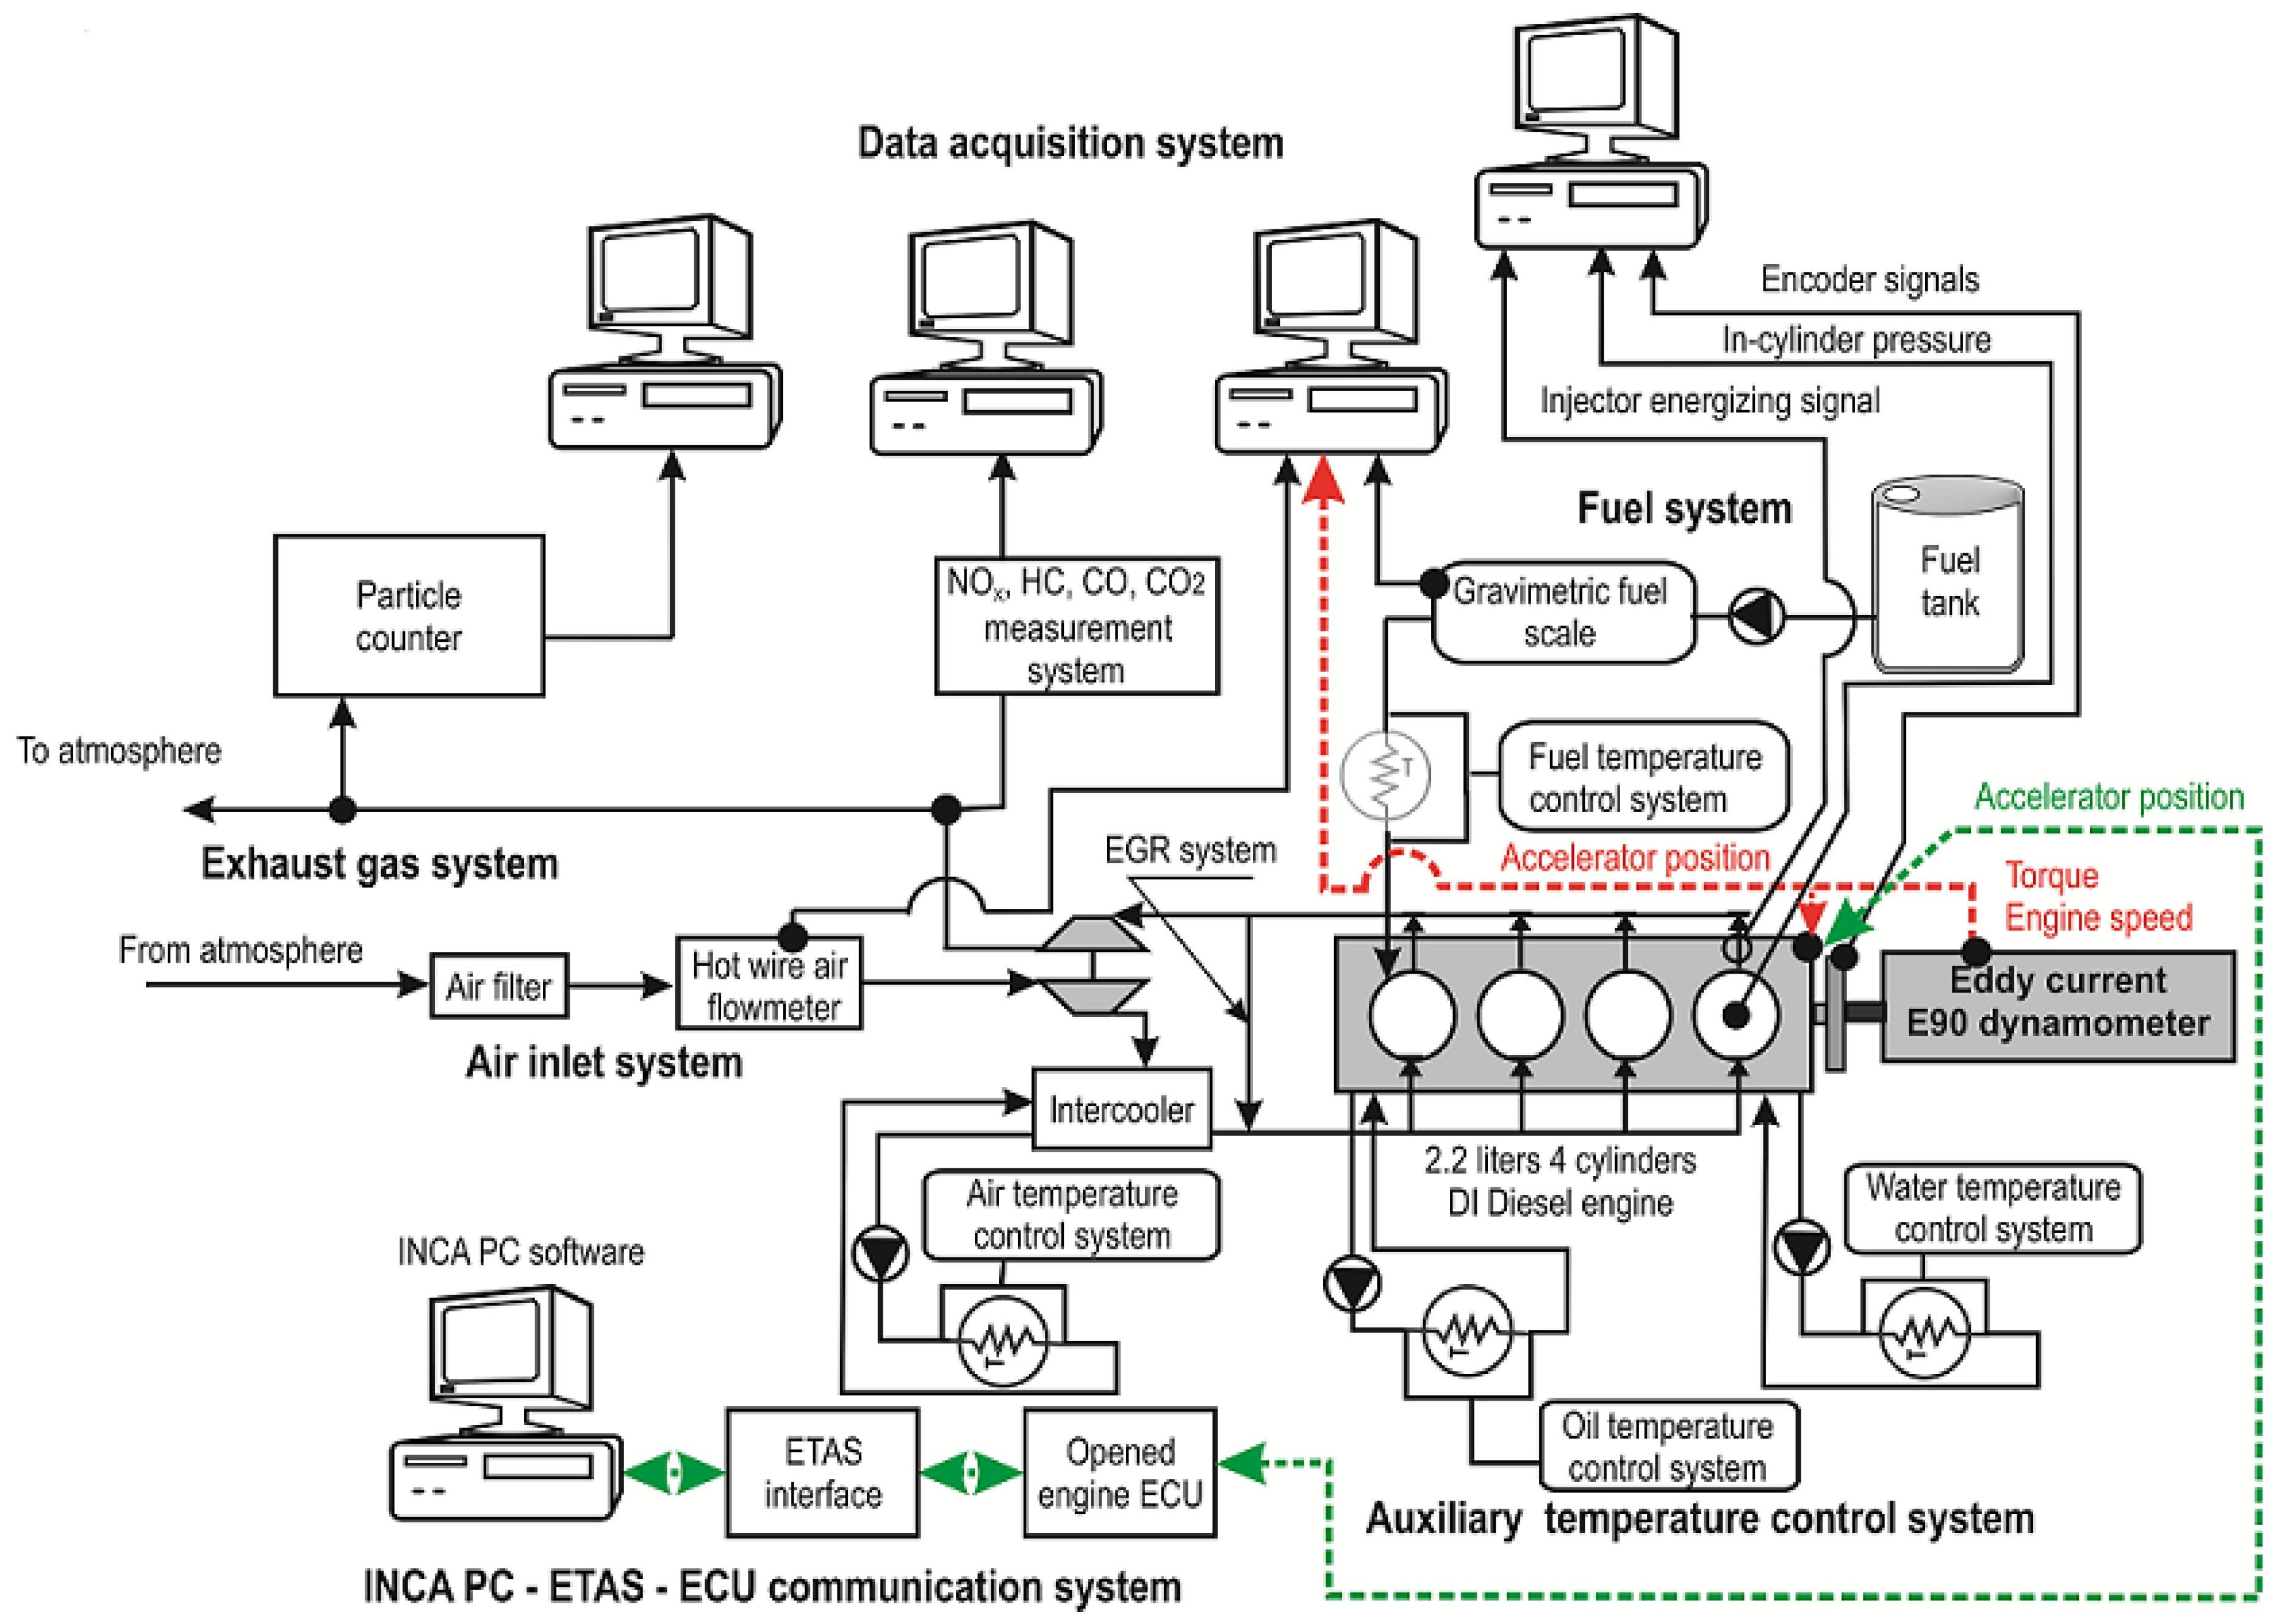 Engine Indicator Diagram Indicator Diagram Ic Engine Energies – My Wiring Diagram Of Engine Indicator Diagram